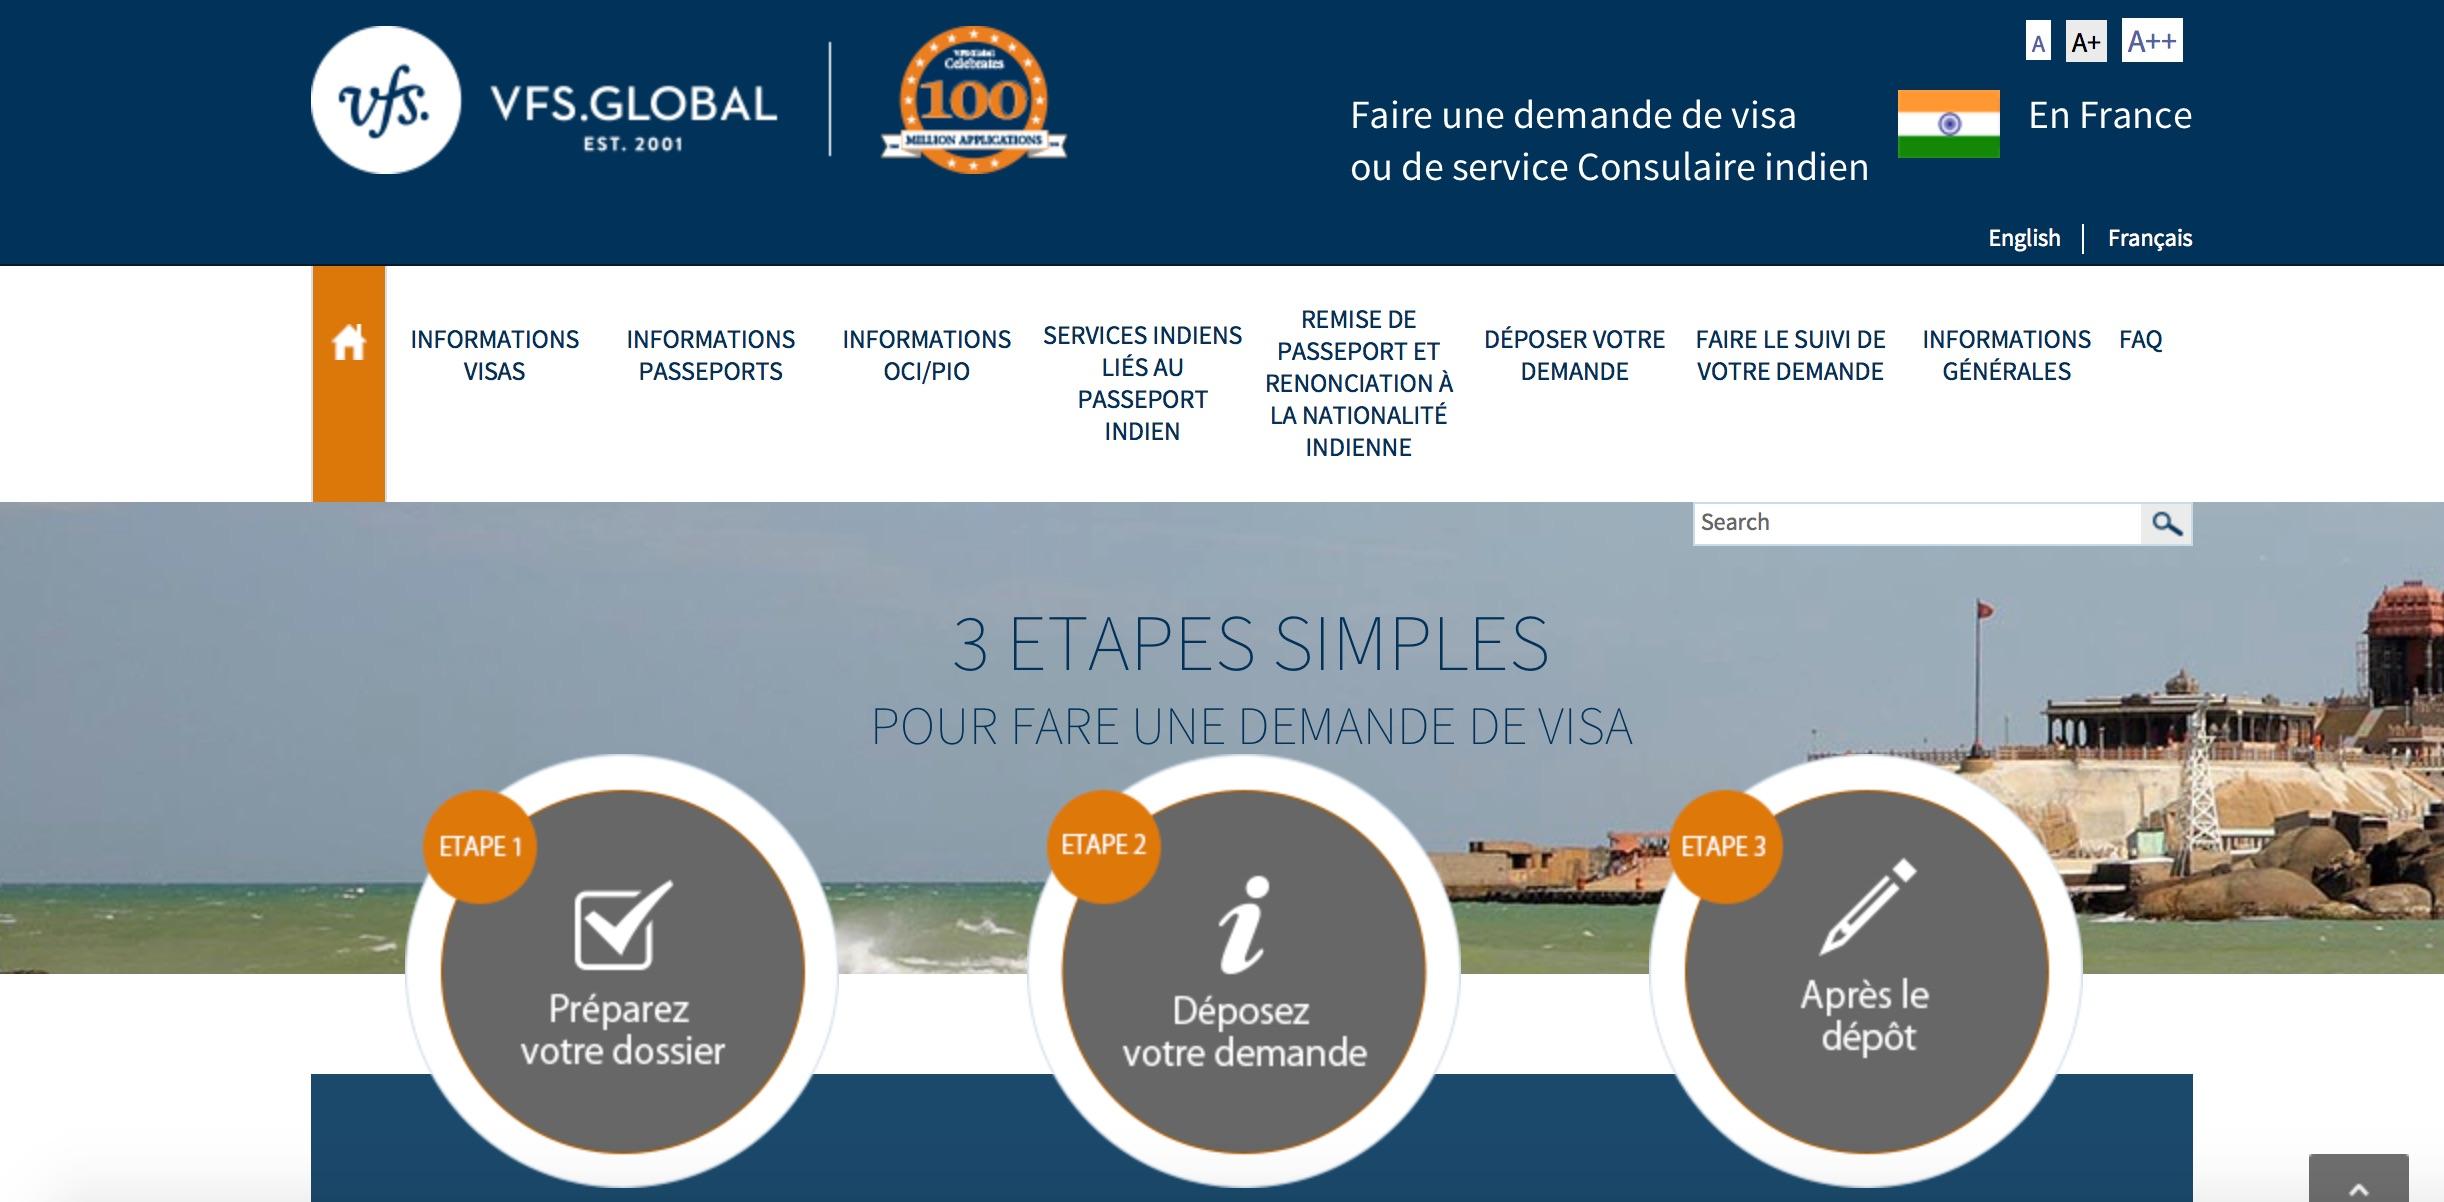 Site de VFS pour les demandes de visa pour l'Inde en France